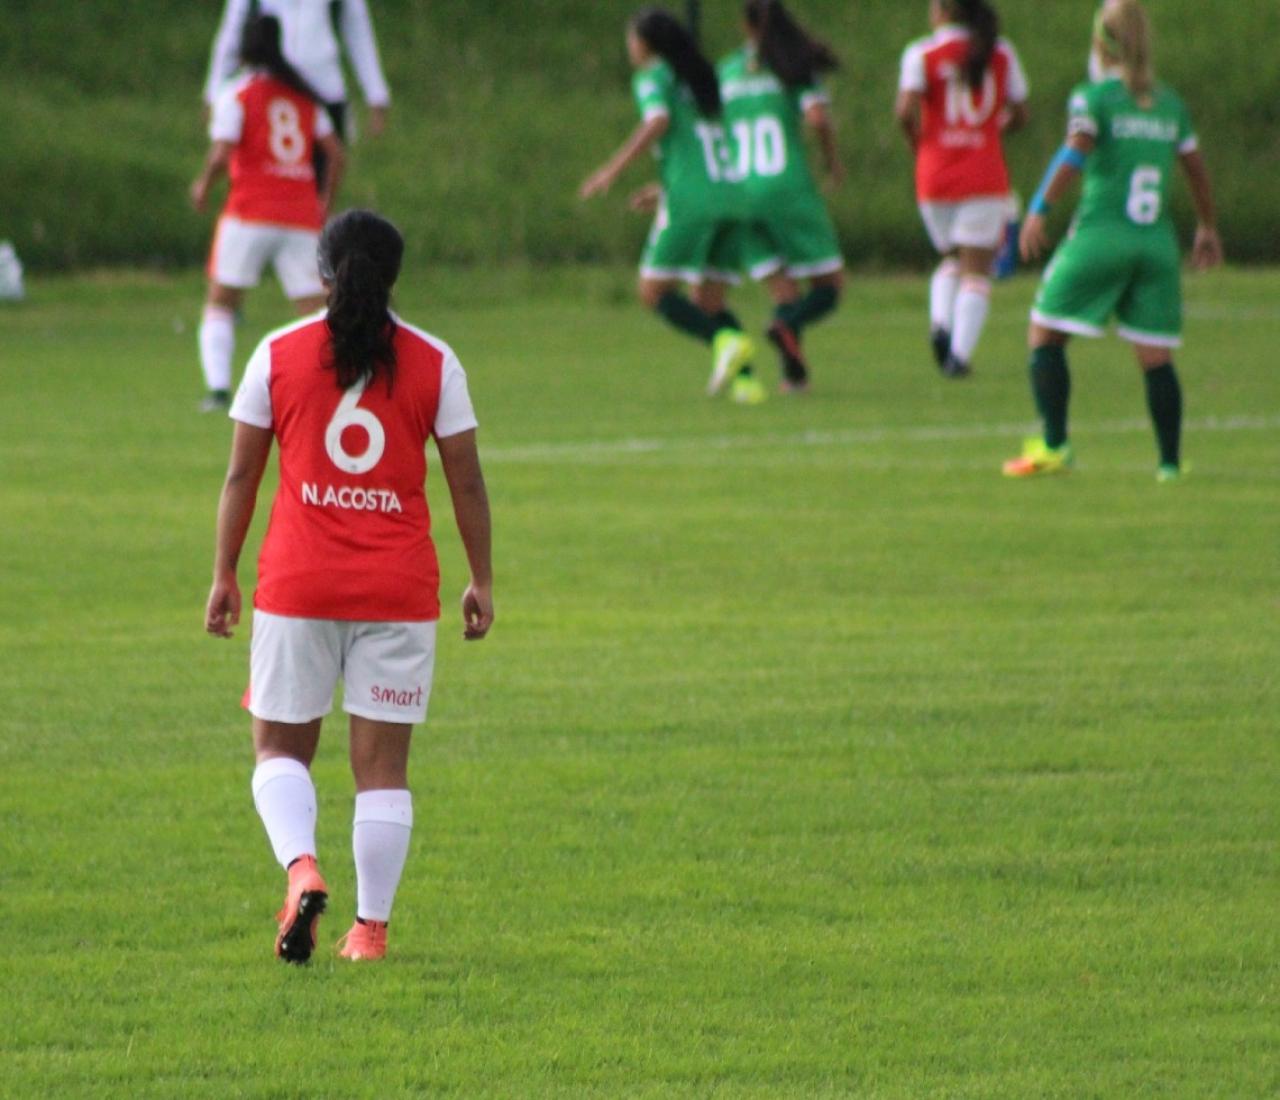 Fútbol femenino Vs pandemia